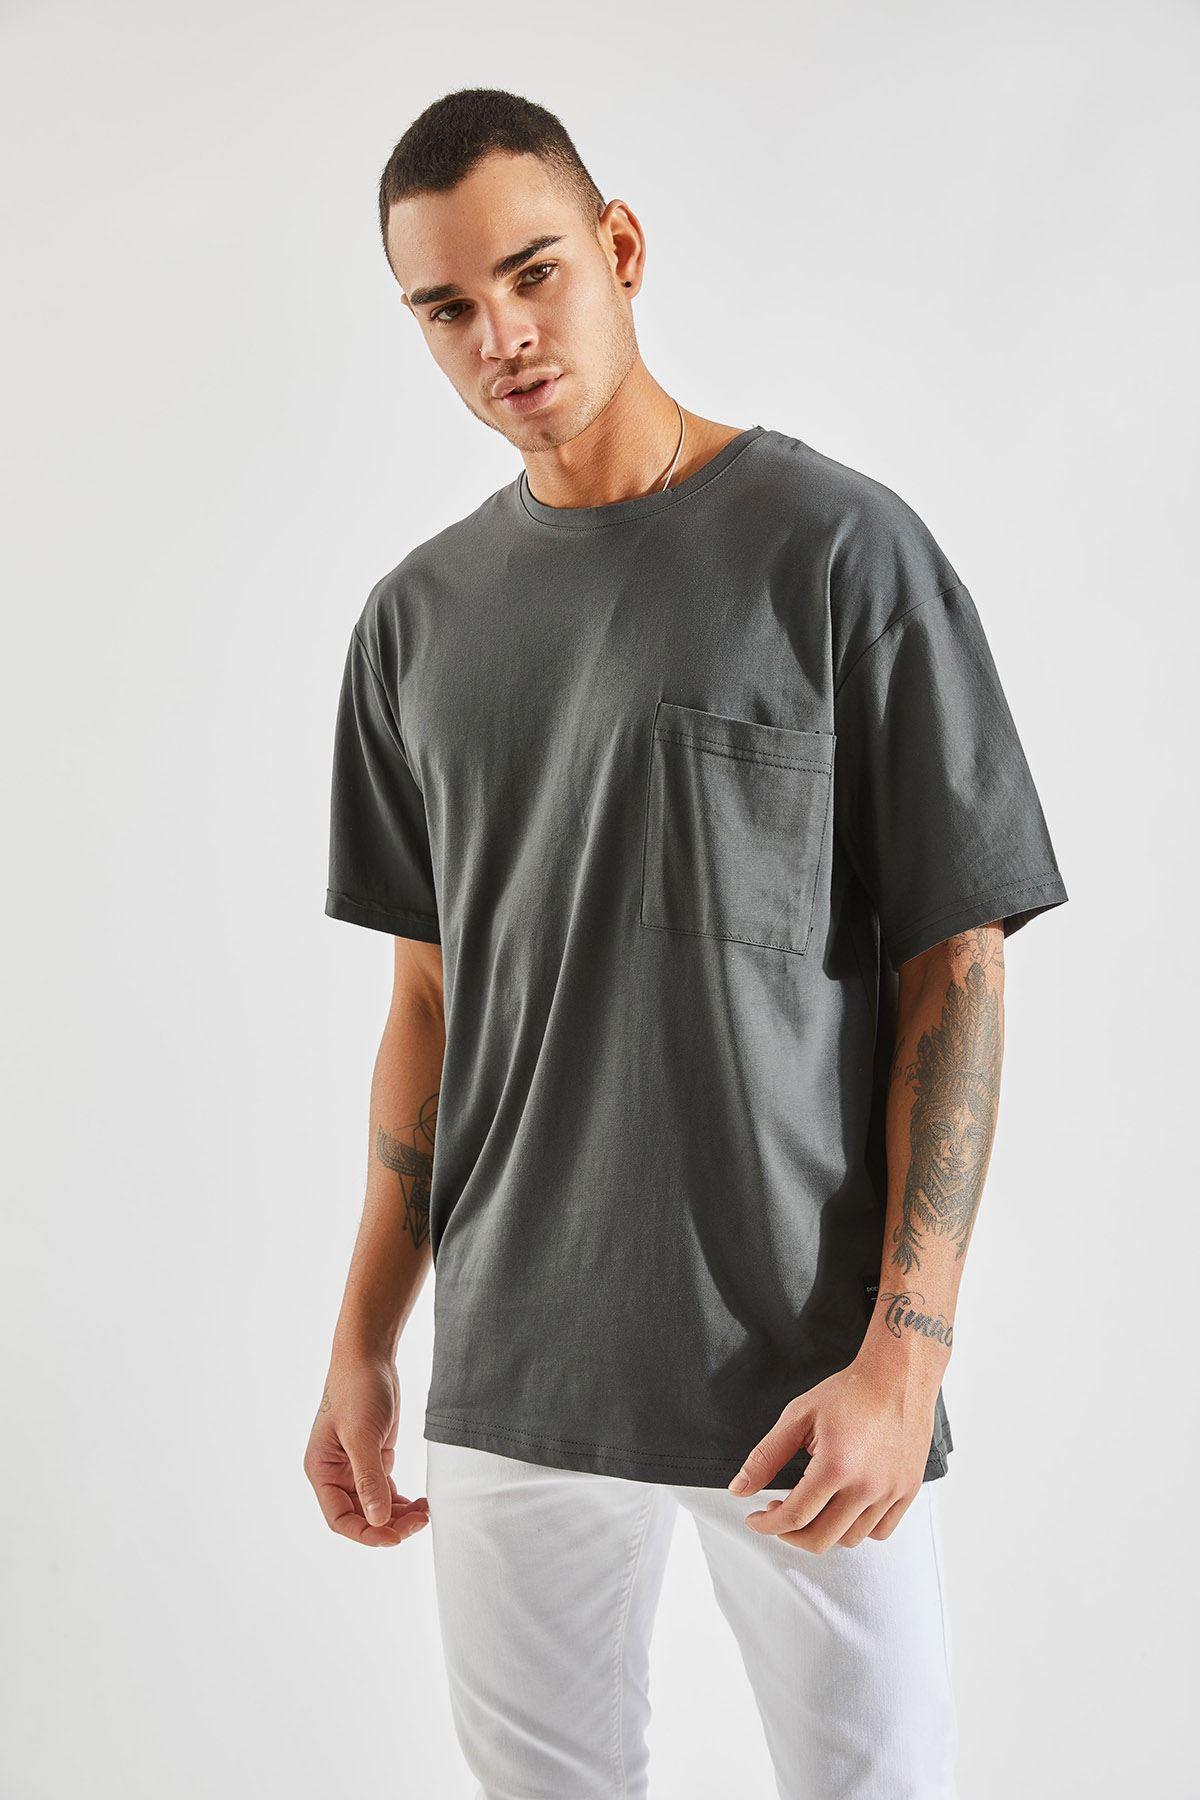 Erkek Oversize Cepli Füme Tişört